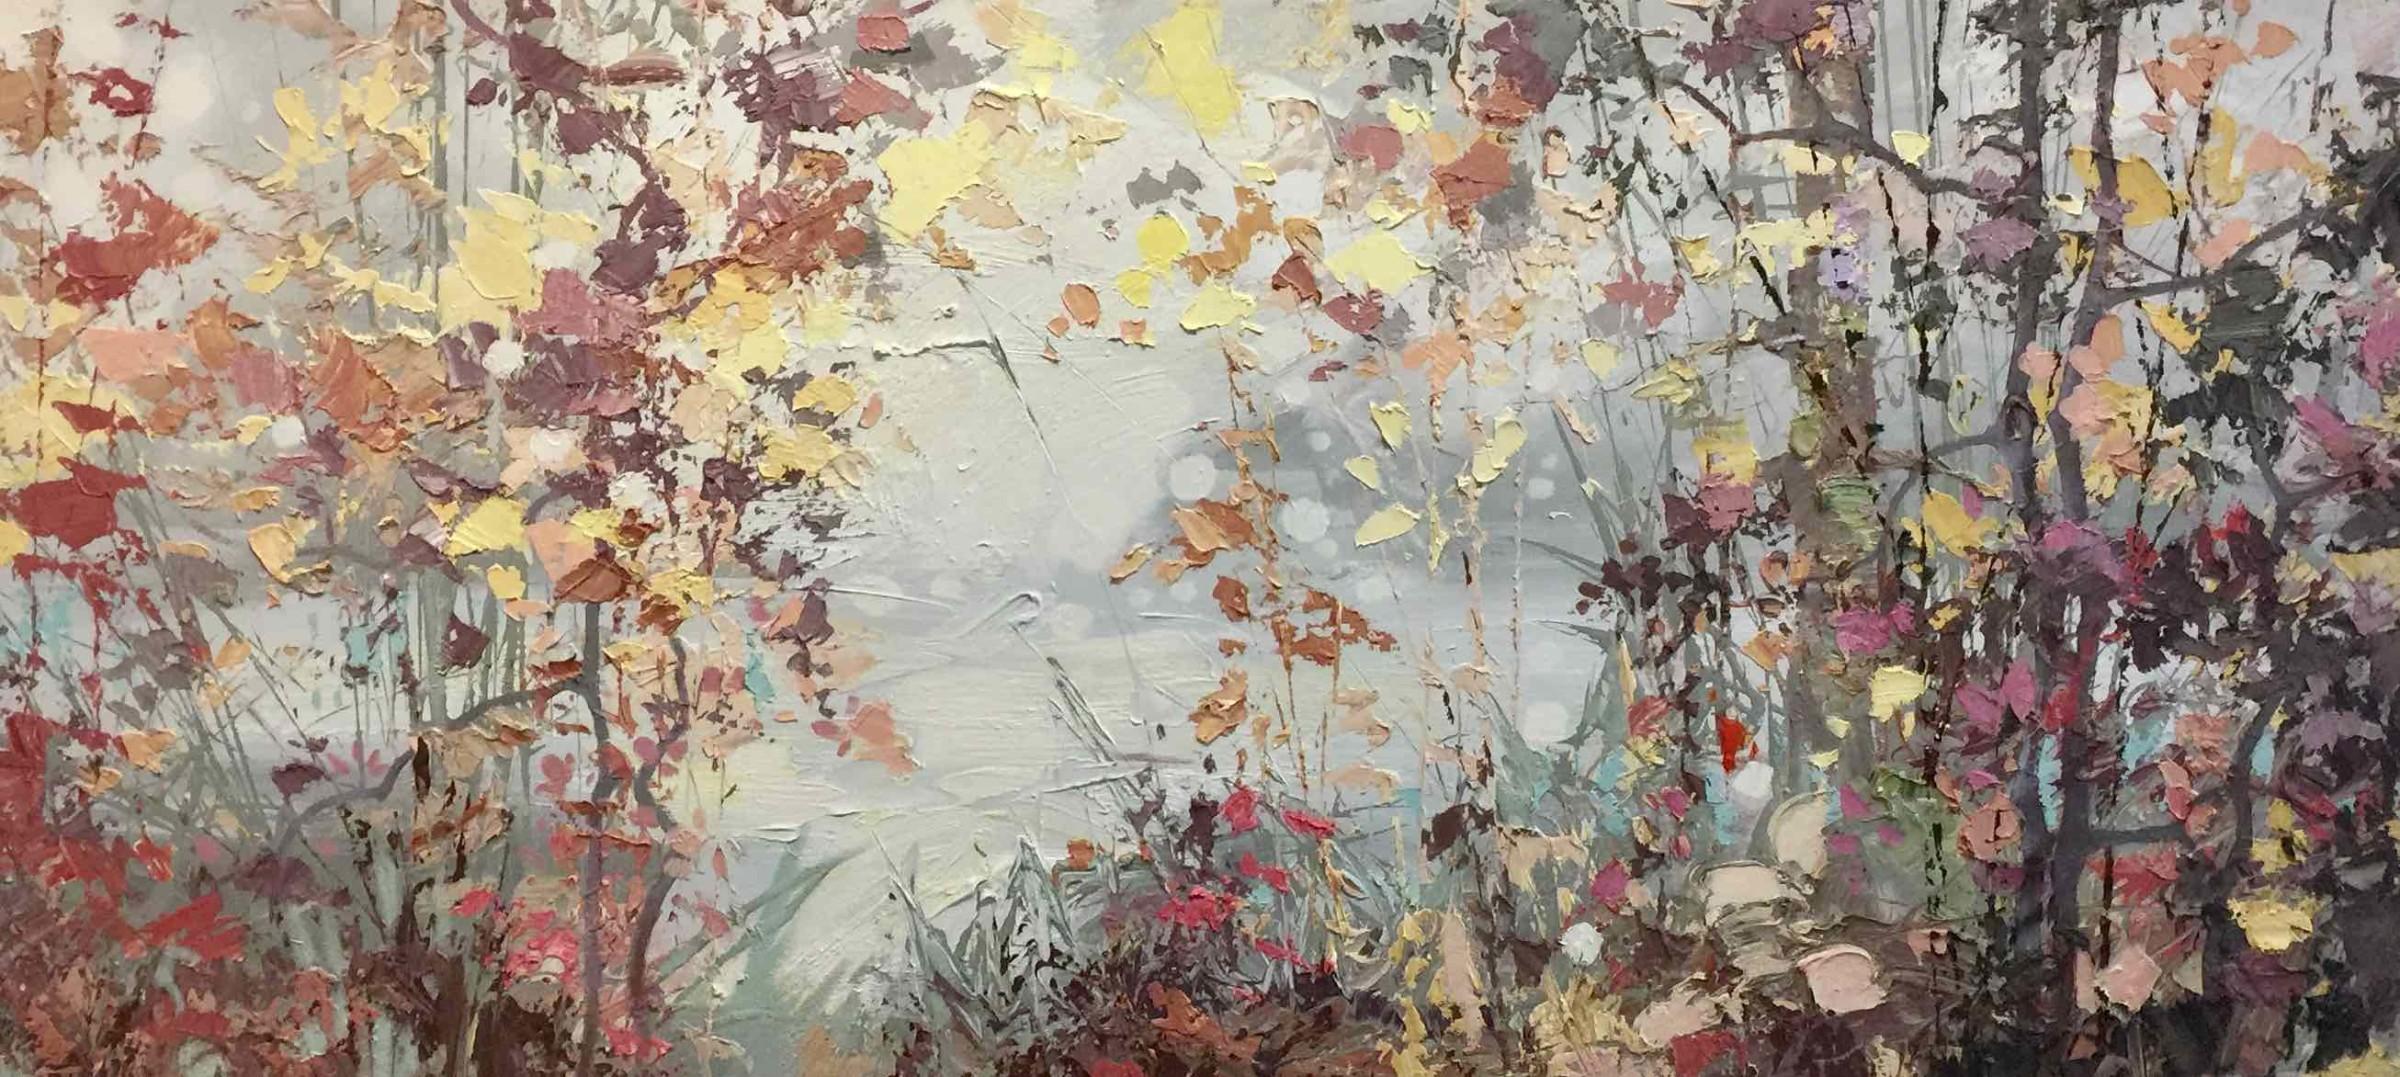 <span class=&#34;link fancybox-details-link&#34;><a href=&#34;/artists/193-paul-treasure/works/2701-paul-treasure-otter-s-return/&#34;>View Detail Page</a></span><div class=&#34;artist&#34;><strong>Paul Treasure</strong></div> <div class=&#34;title&#34;><em>Otter's Return</em></div> <div class=&#34;medium&#34;>Oil on Canvas</div> <div class=&#34;dimensions&#34;>60 x 120 cm</div><div class=&#34;price&#34;>£4,300.00</div><div class=&#34;copyright_line&#34;>ART Salon</div>